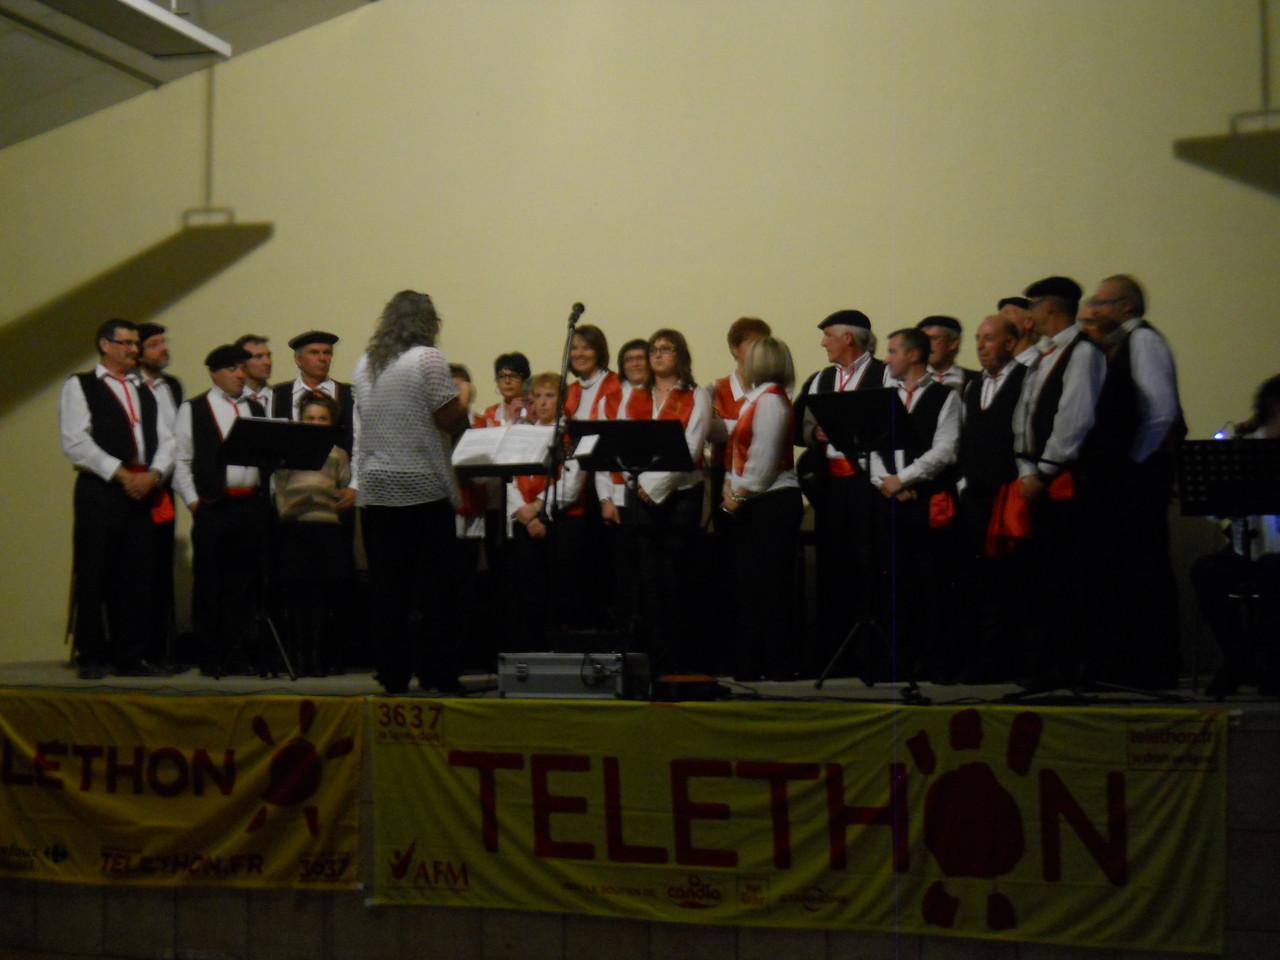 La chorale du Marquisat chante aussi à Hibarette,belle soirée.